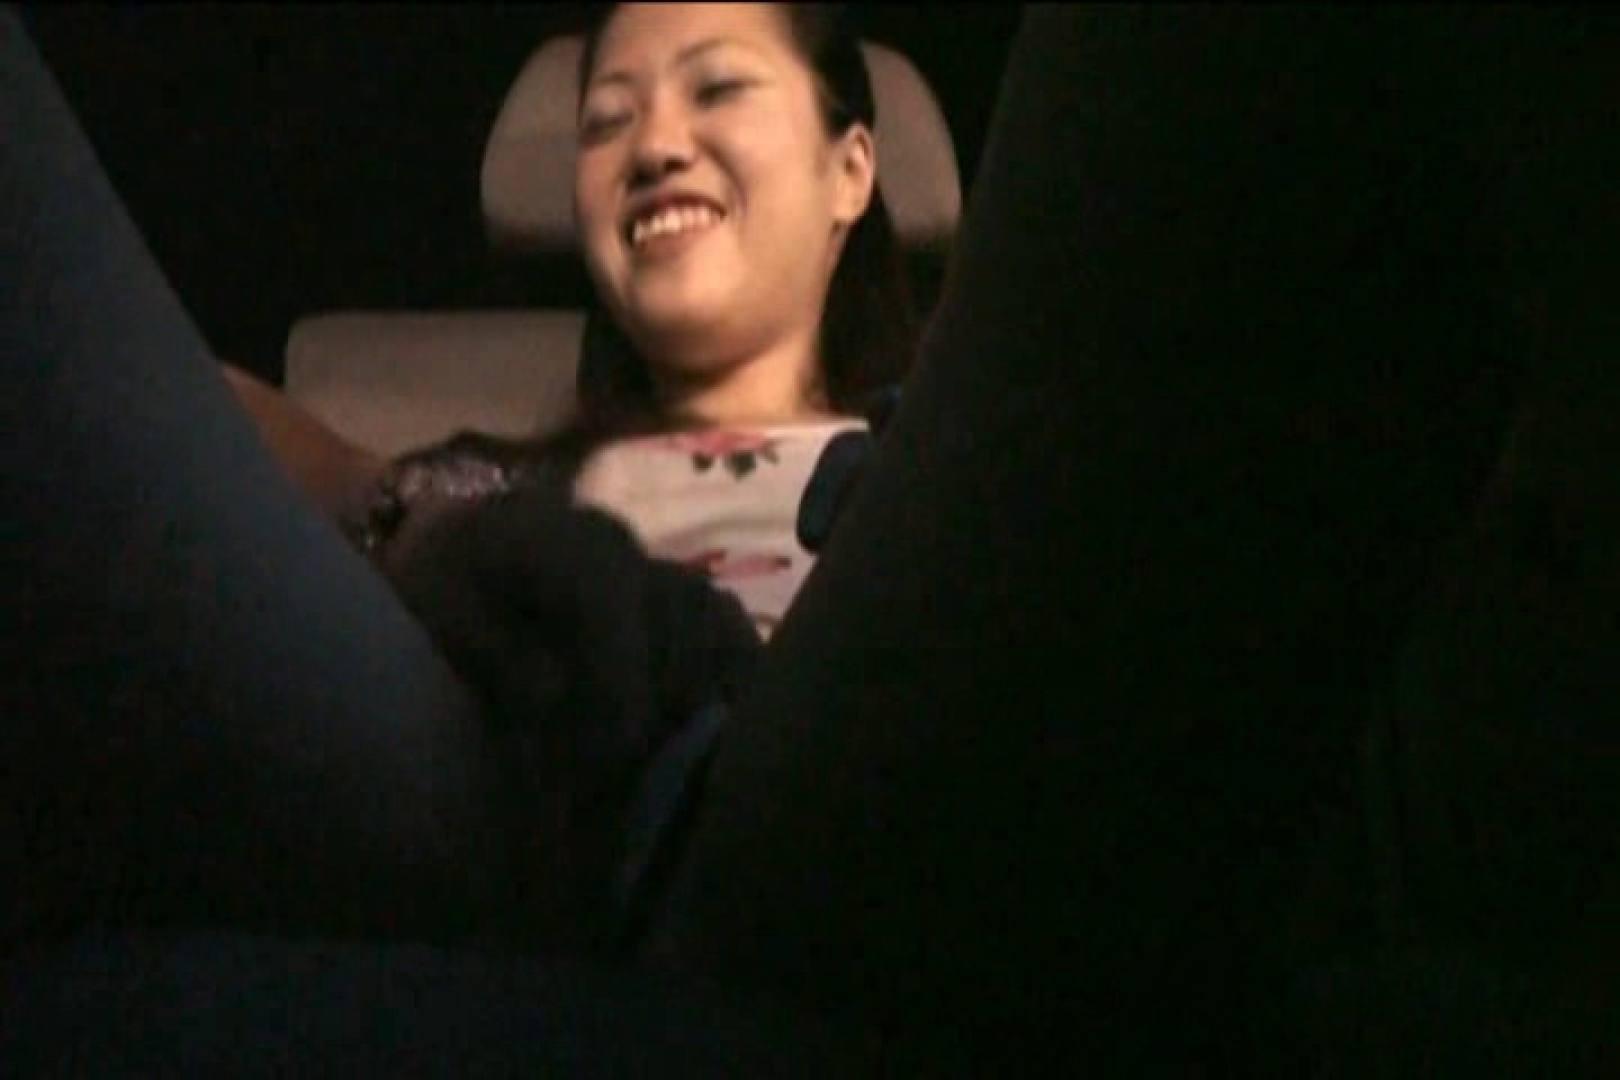 車内で初めまして! vol01 ハプニング   盗撮  68pic 41